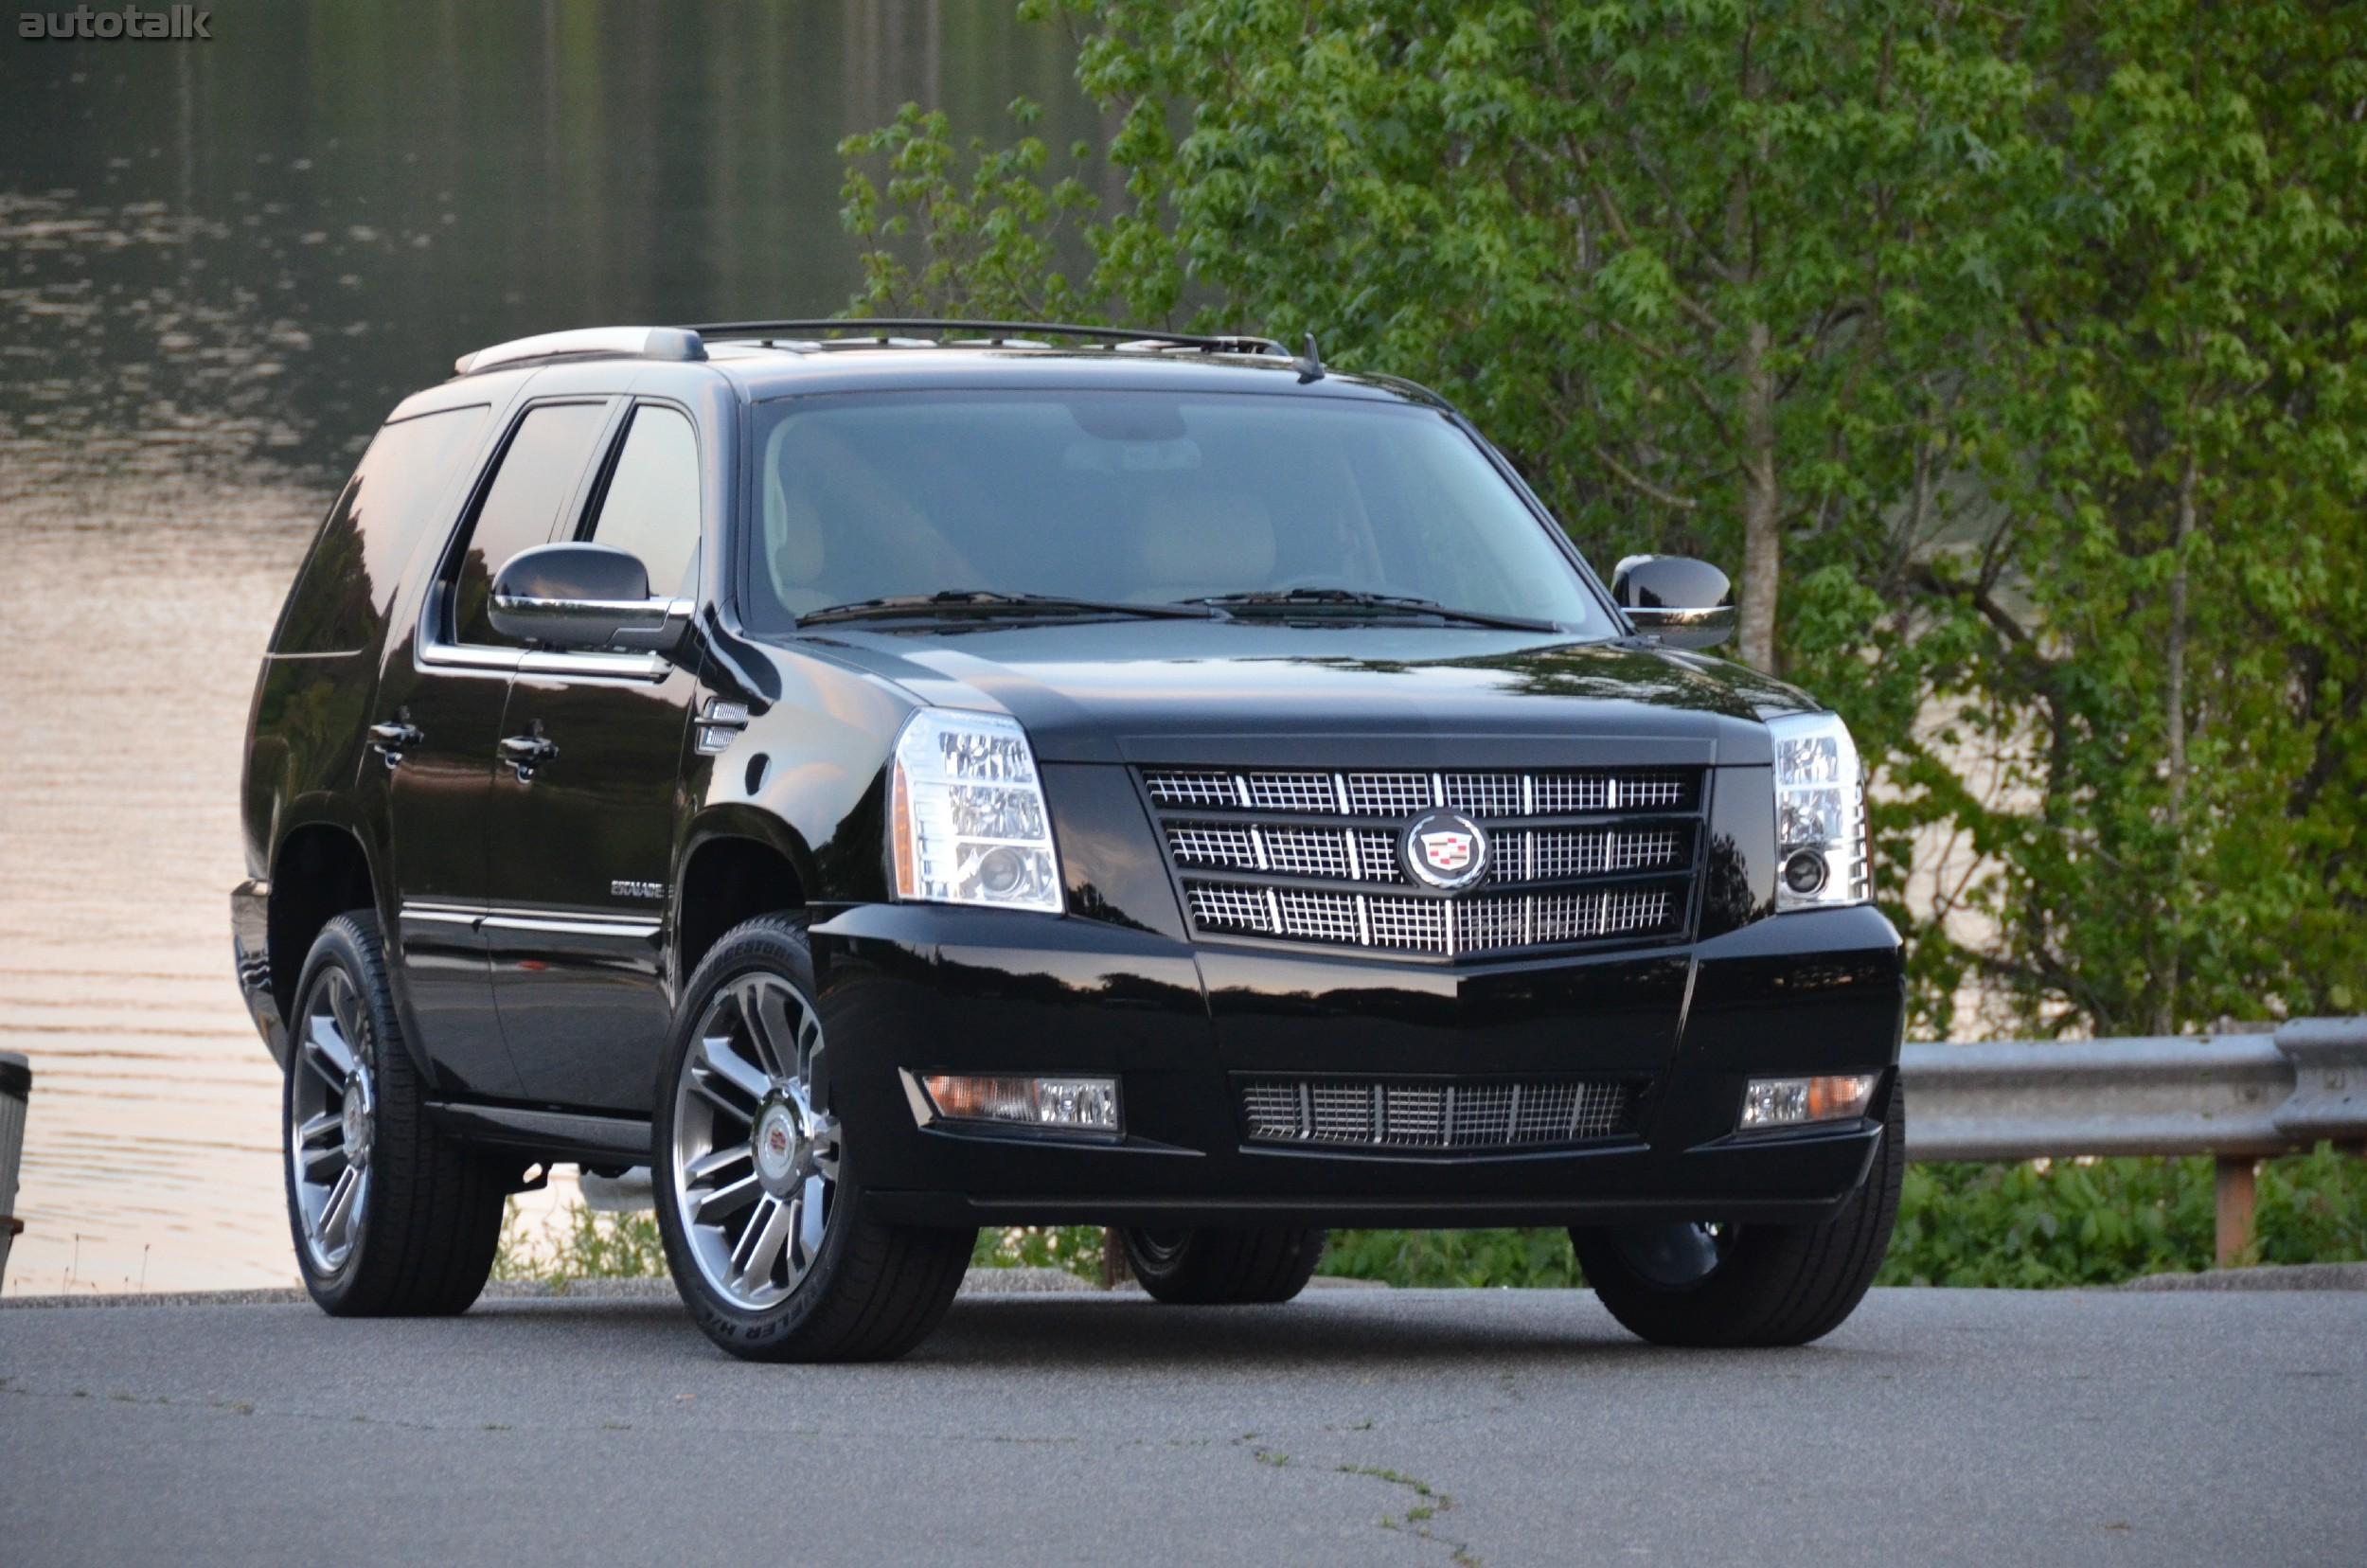 2012 Cadillac Escalade Review Autotalk